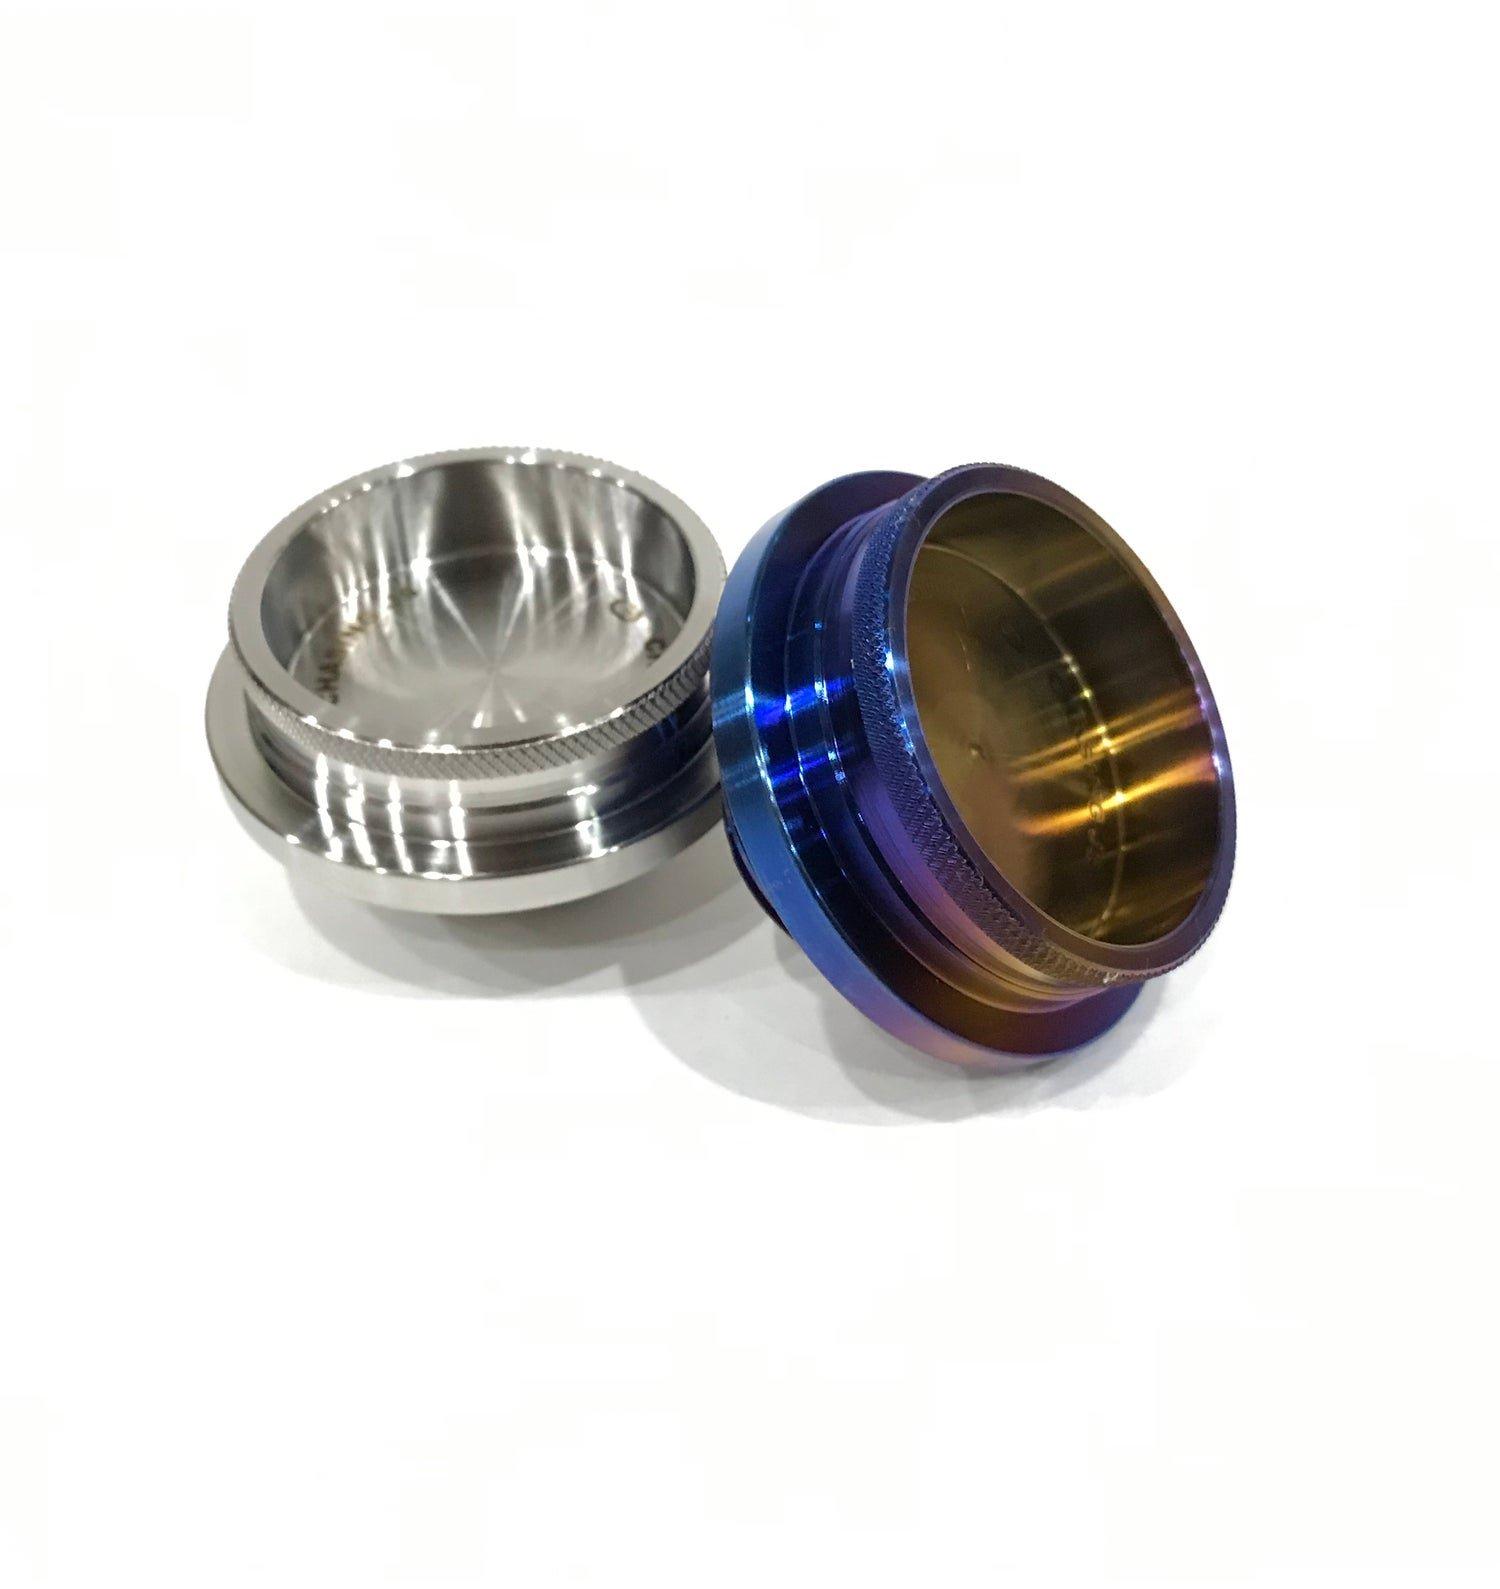 Image of FK8 Civic Type R Titanium oil cap